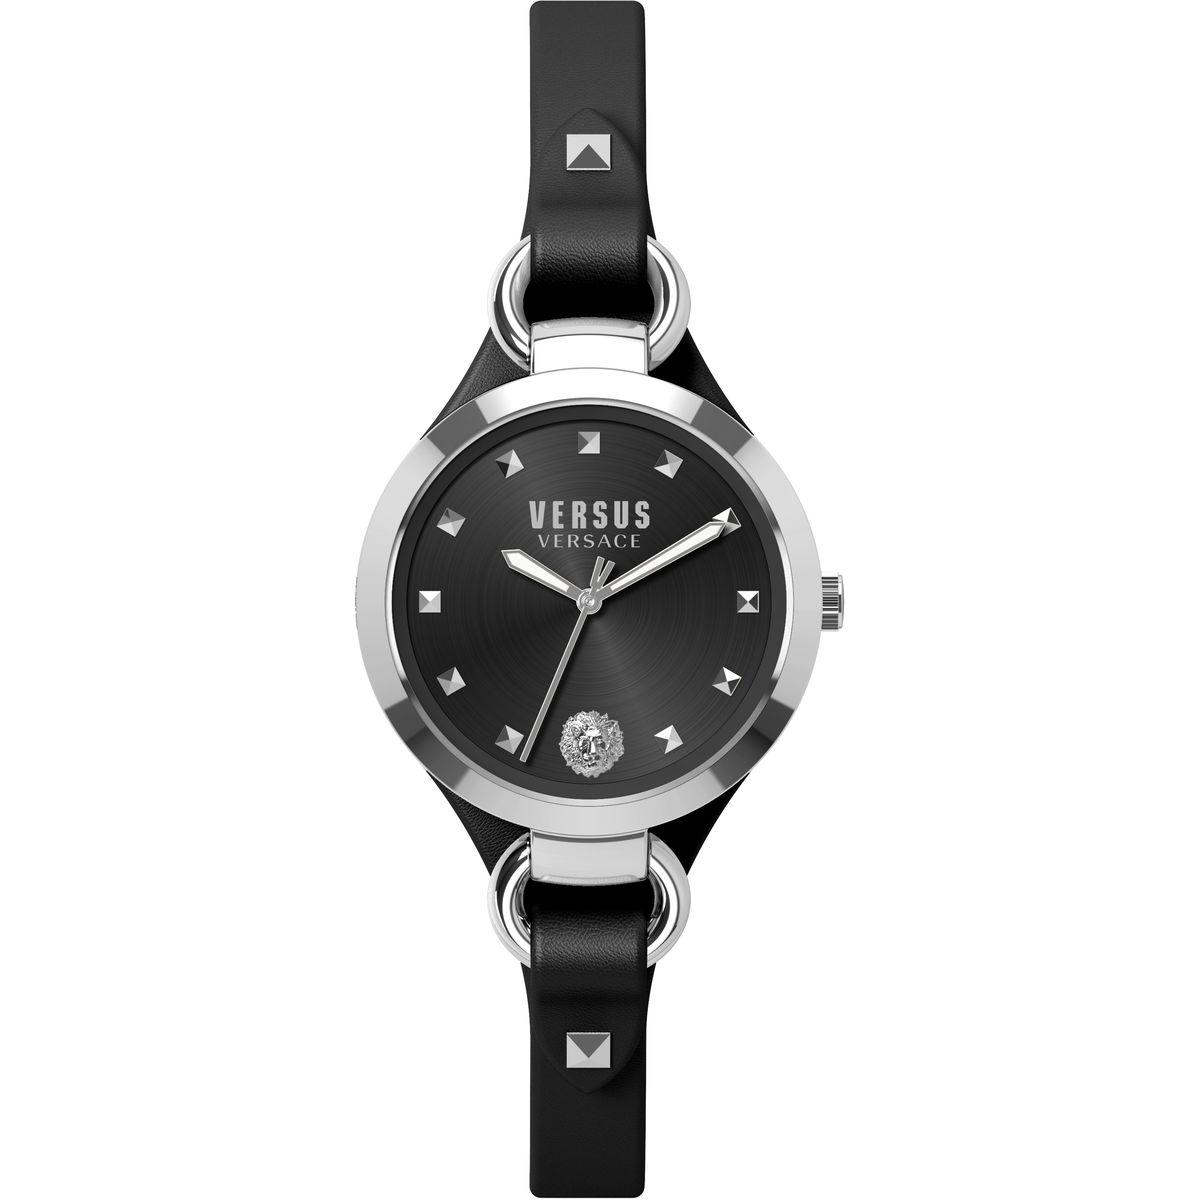 Наручные часы женские Versus Versace, цвет: стальной, черный. SOM020015SOM0200153 стрелки, механизм кварцевый Citizen_2025, сталь, диаметр циферблата 34 мм, кожаный ремешок, застежка из стали, стекло минеральное, водонепроницаемость - 3 АТМ